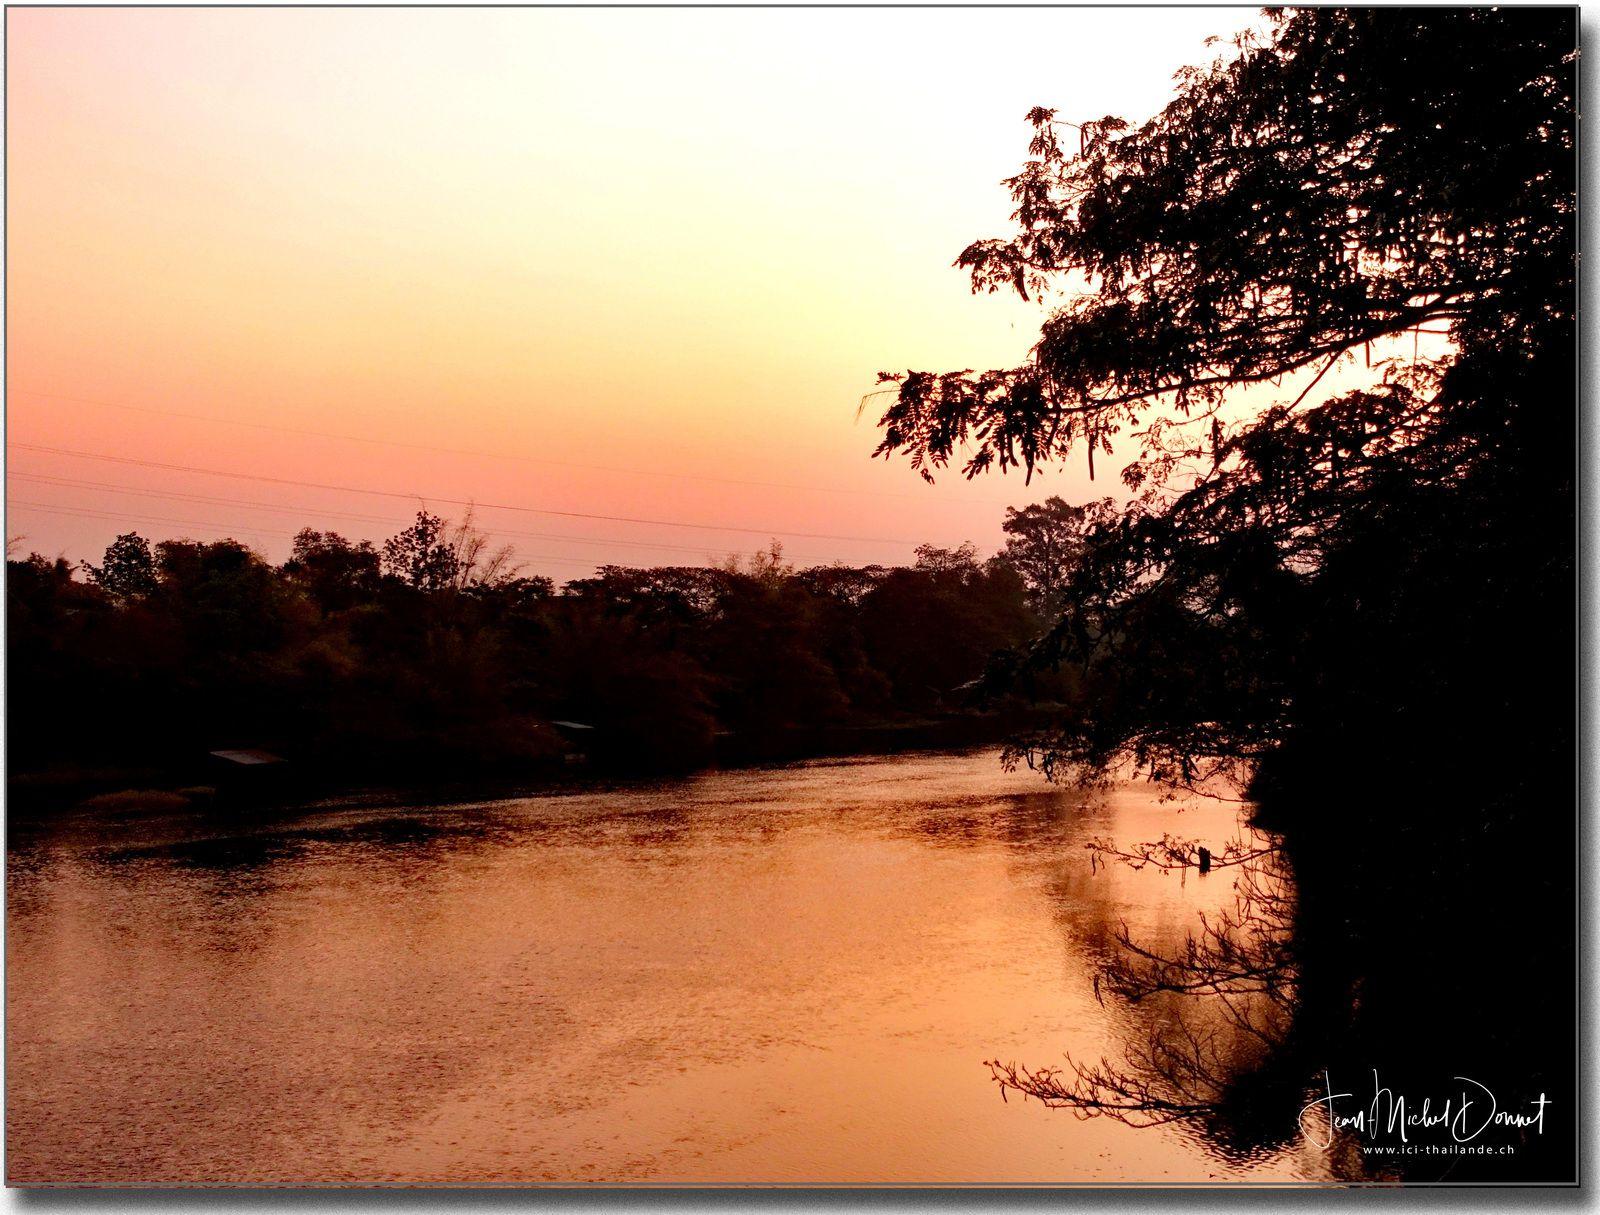 Entre marches, balades et contemplation... (Thaïlande)